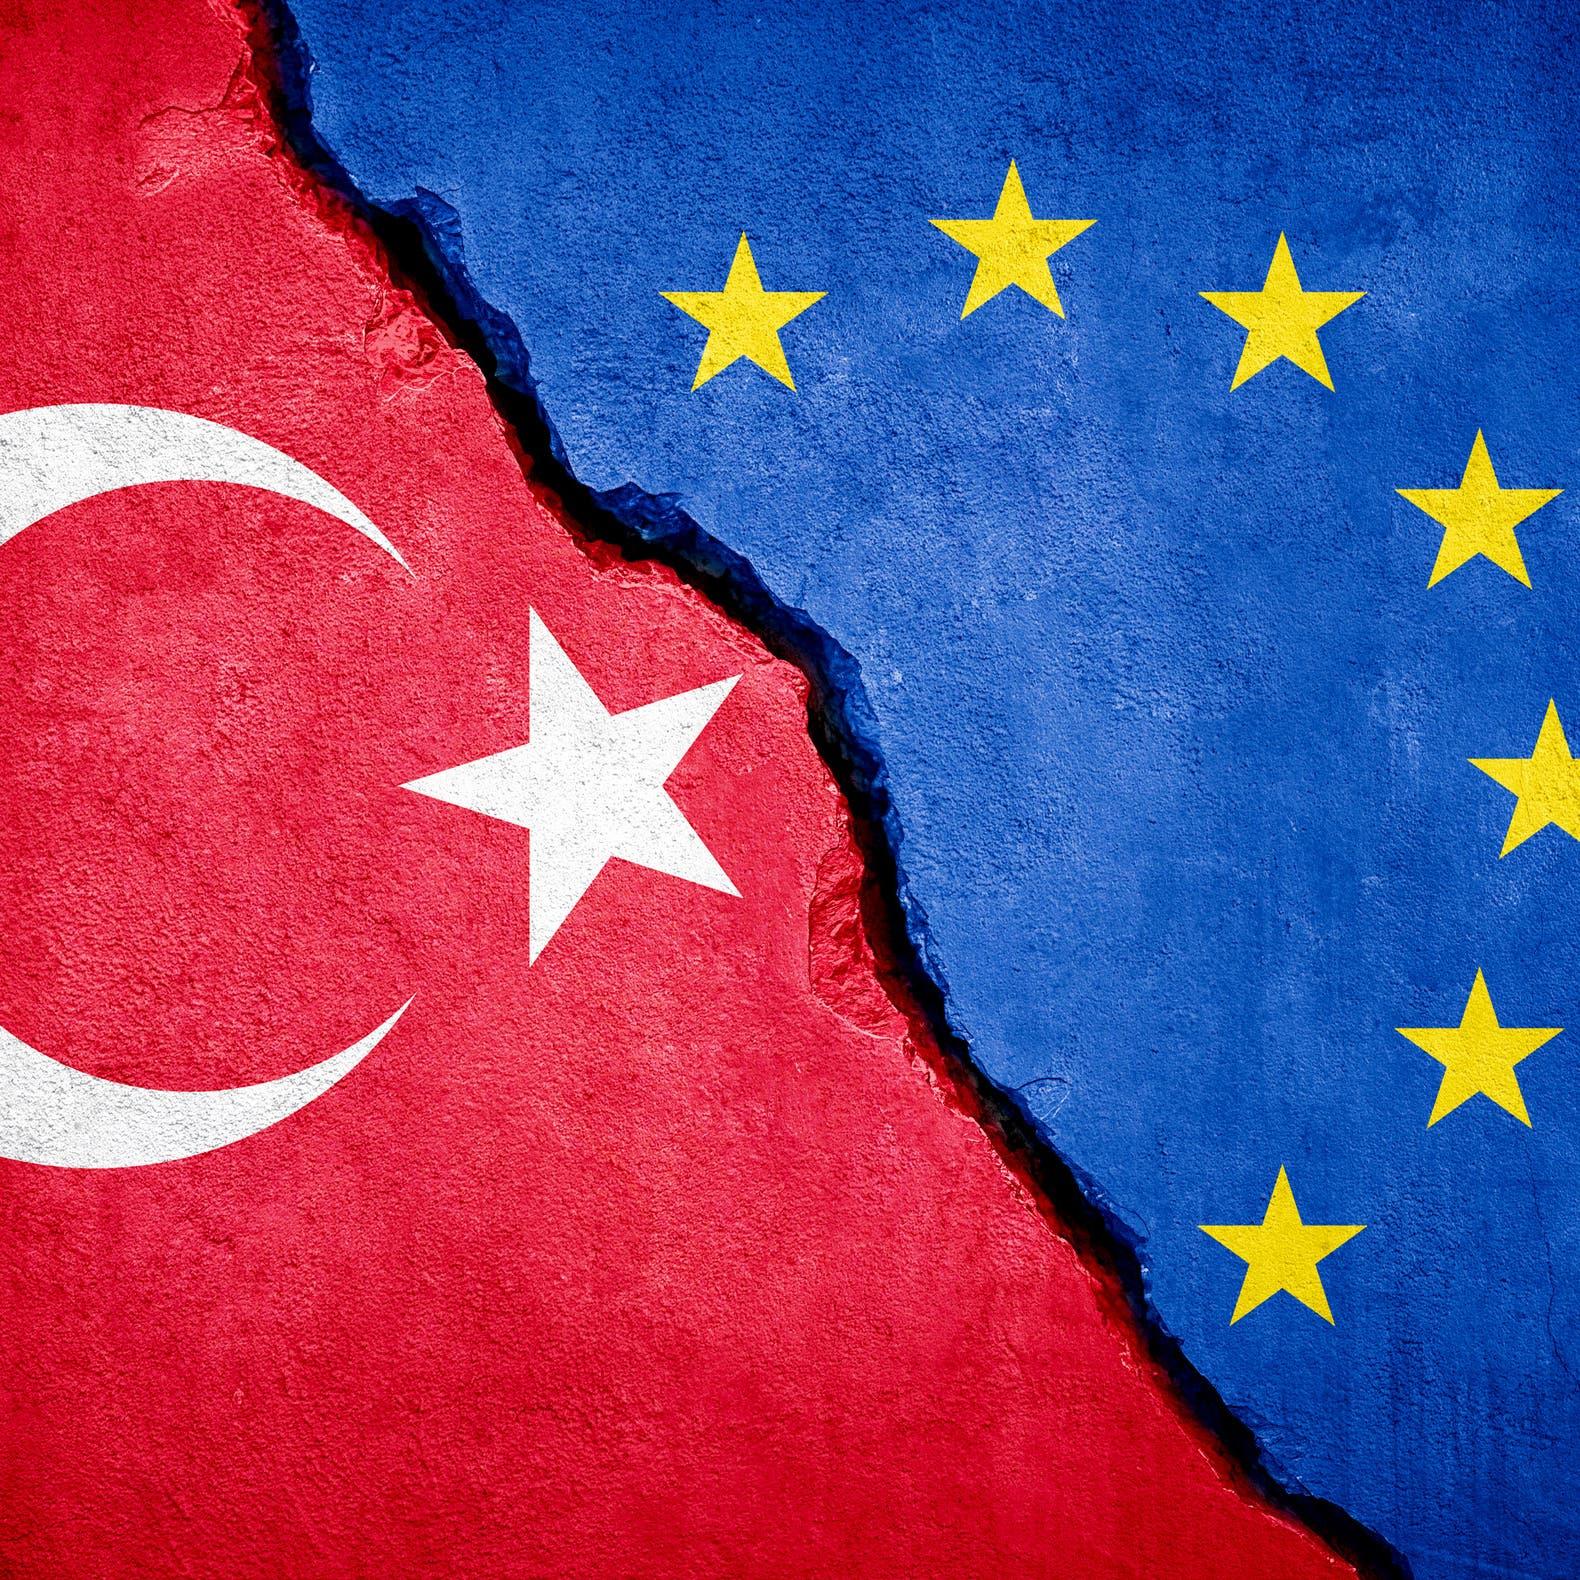 الاتحاد الأوروبي: لم نلمس تغيراً إيجابياً في سلوك تركيا